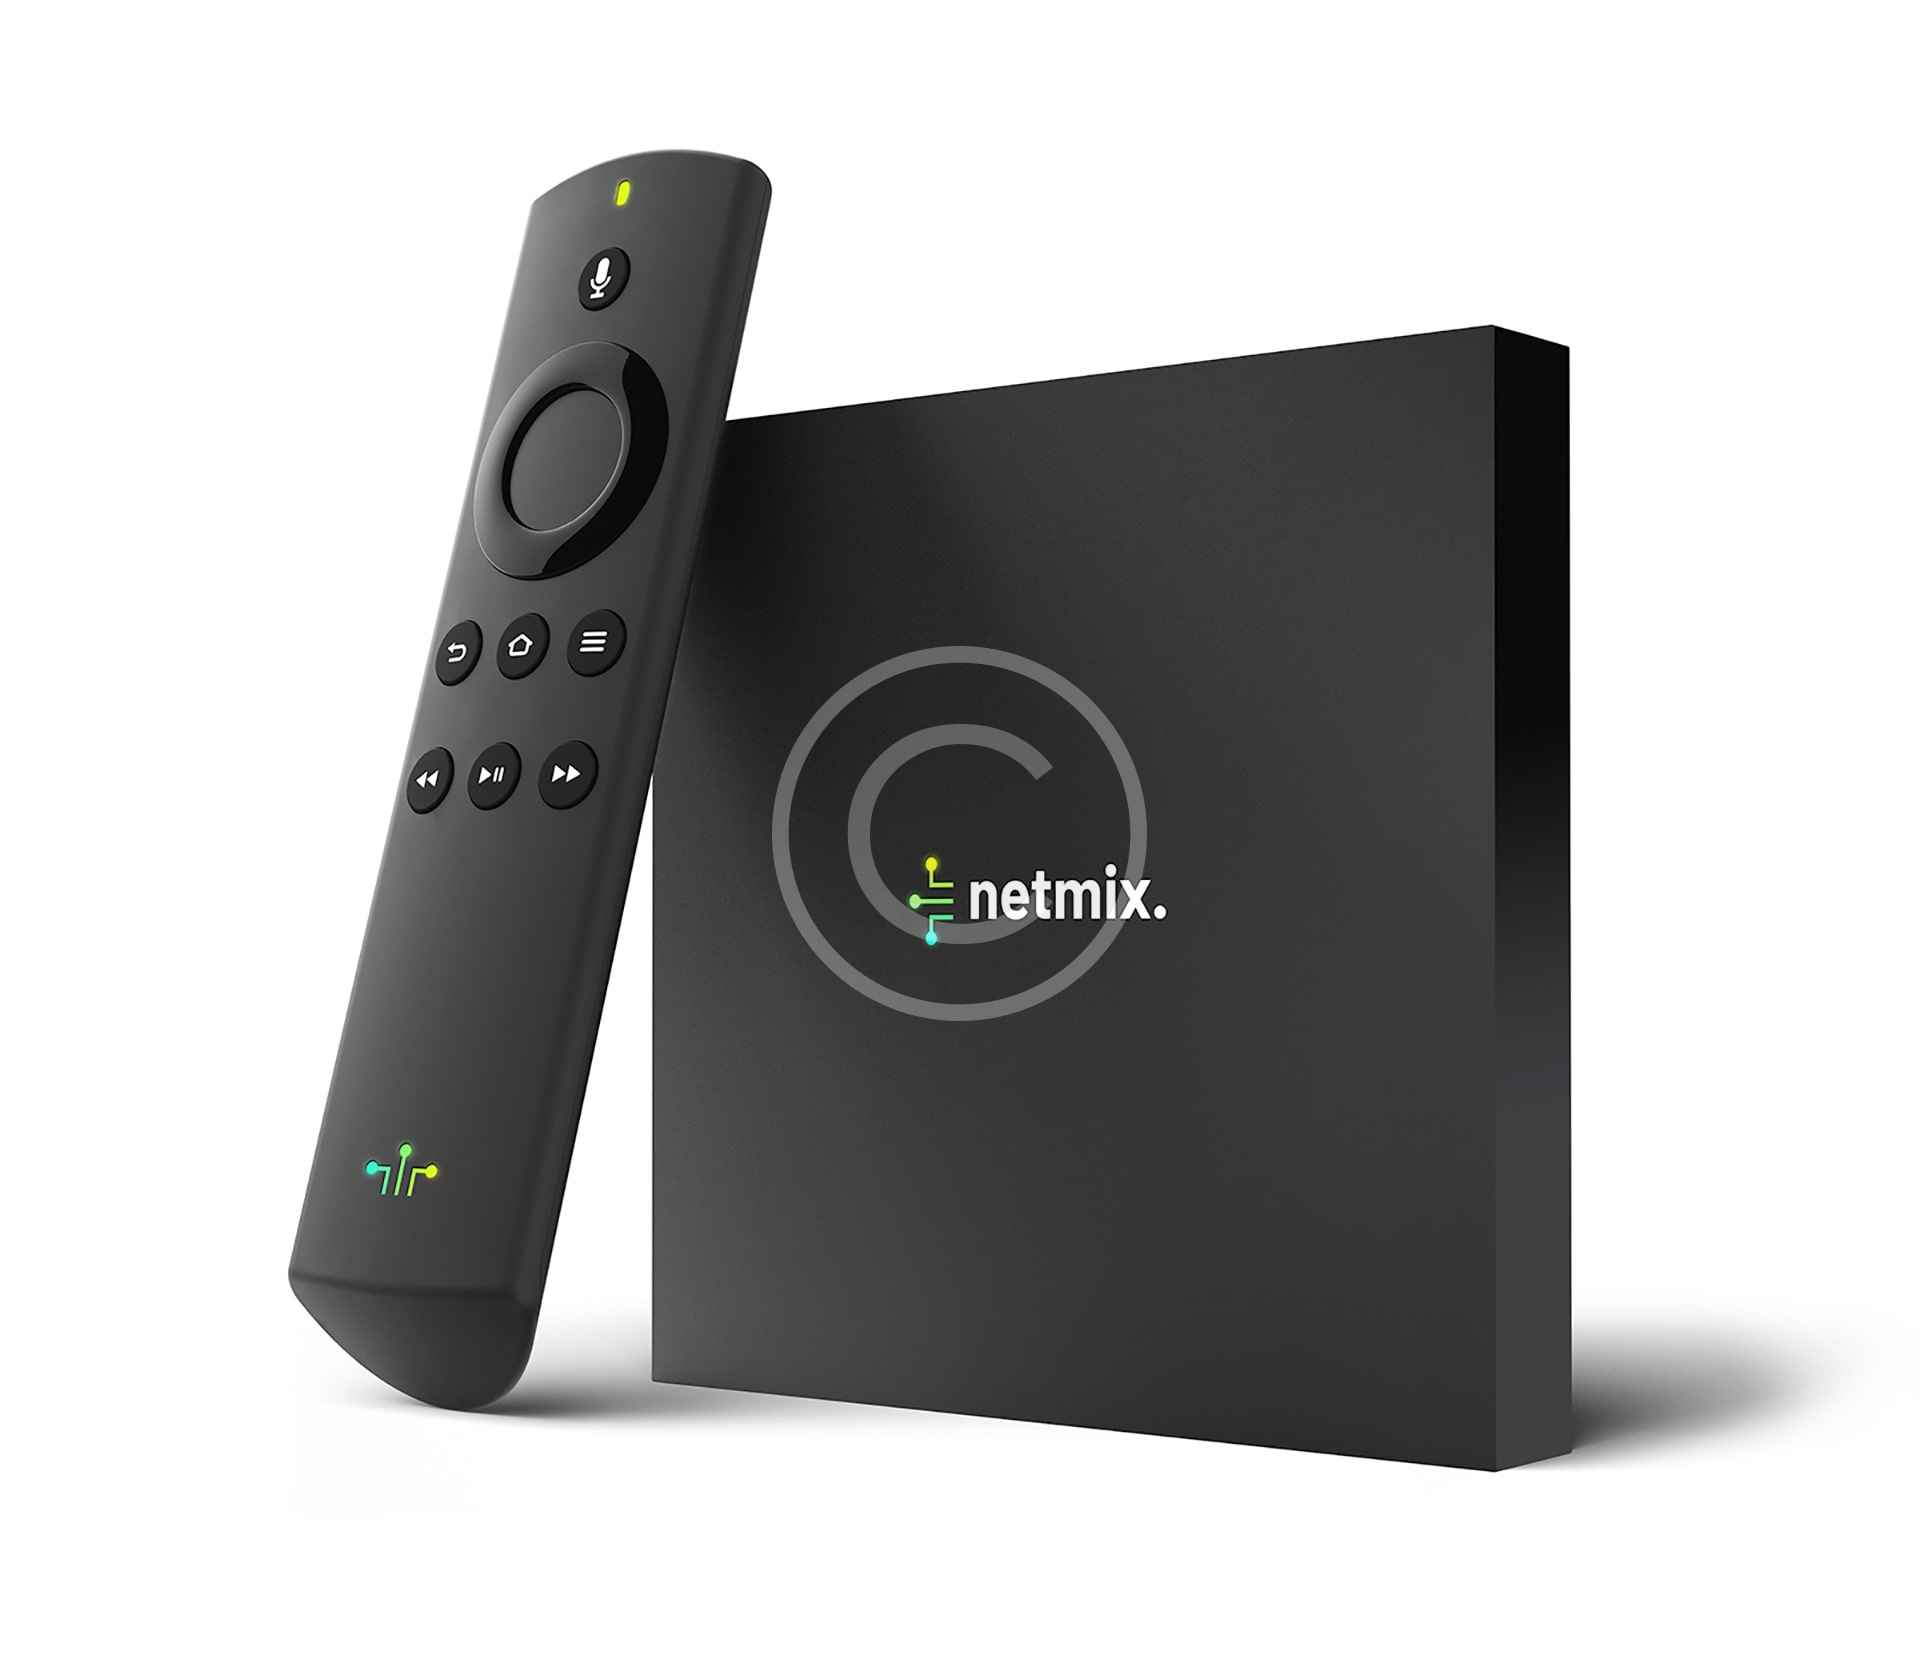 Netmix TV box